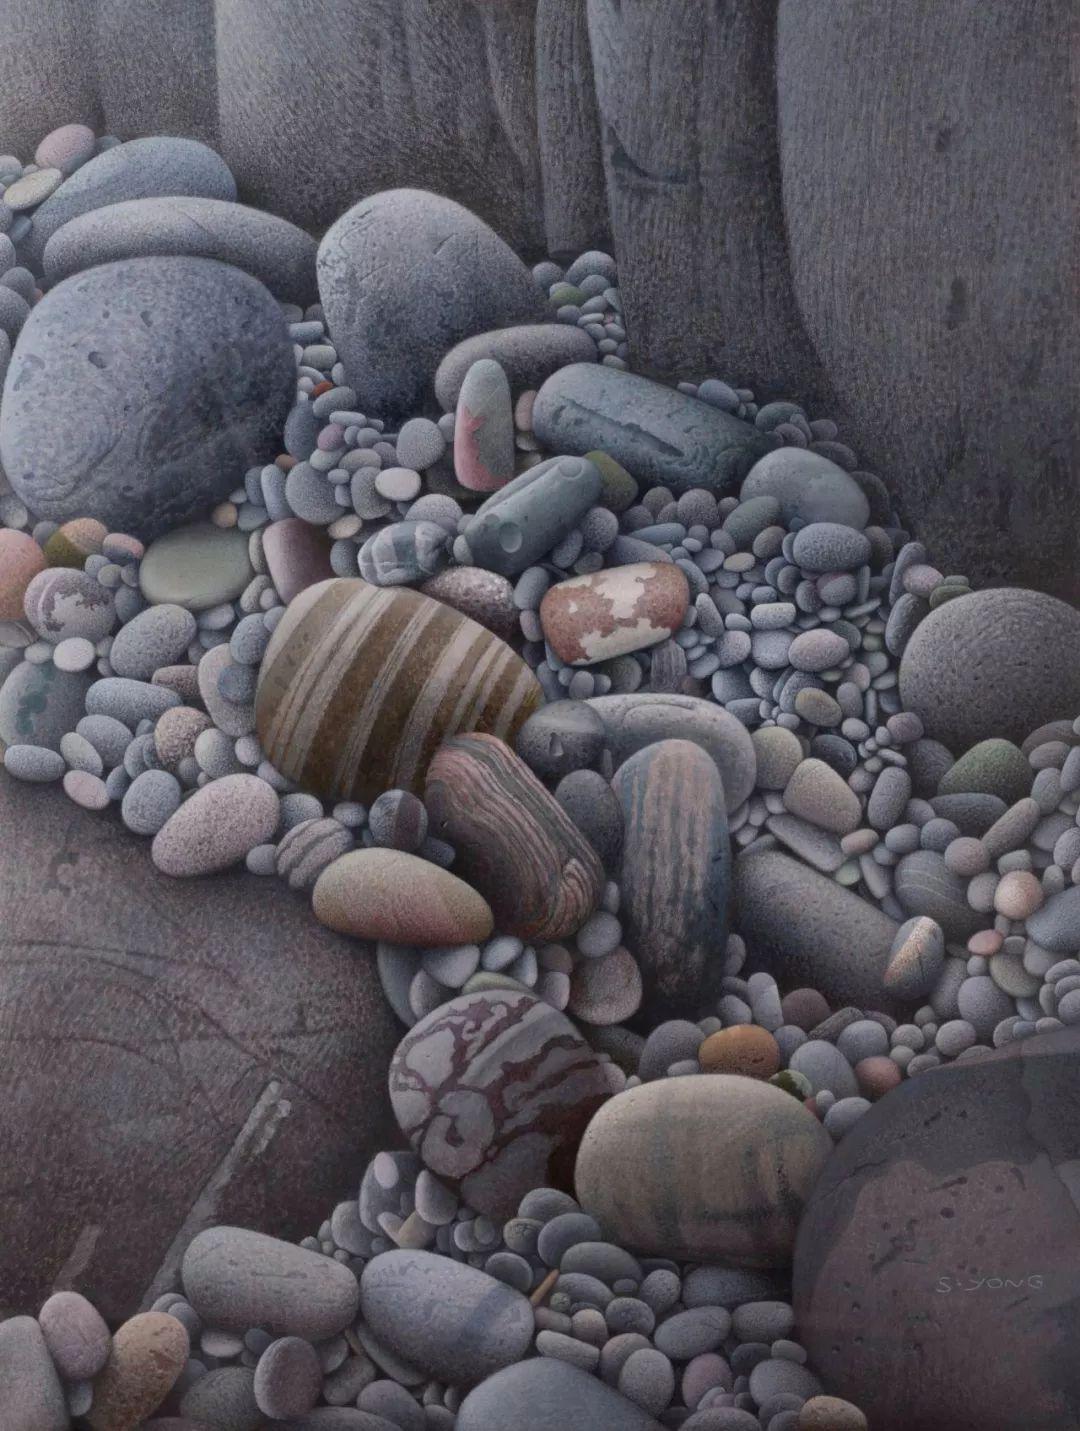 他一幅画,180天,1200颗珠子,每一颗都独一无二,让人心生敬畏!插图50